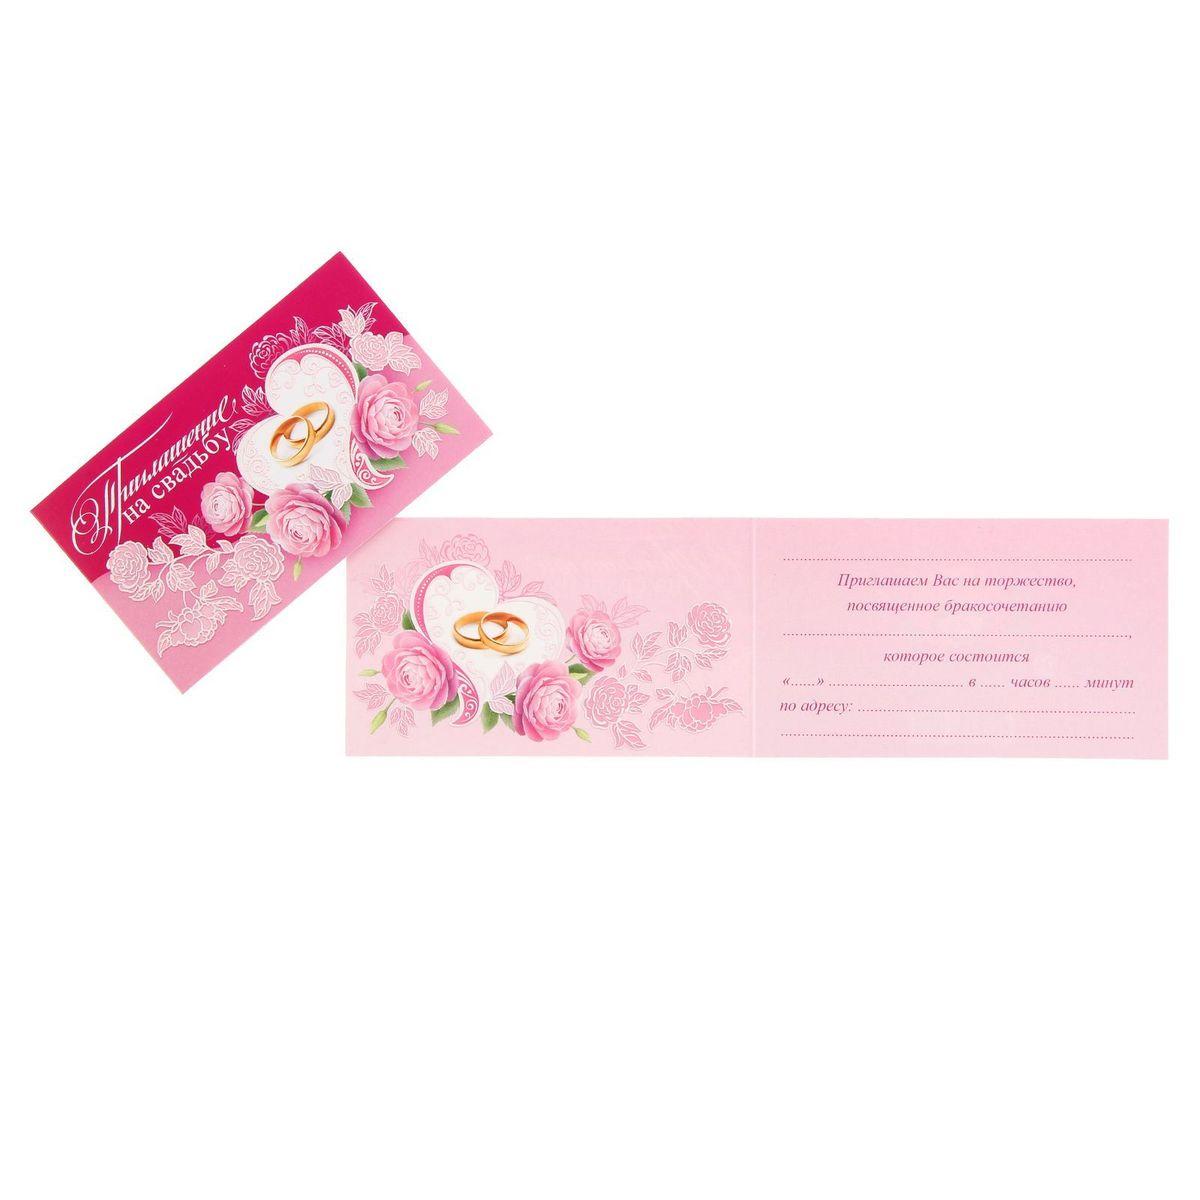 Приглашение на свадьбу Мир открыток Розы и кольца1197889Приглашение на свадьбу Мир открыток Розы и кольца, выполненное из картона, отличается не только оригинальным дизайном, но и высоким качеством. Лицевая сторона изделия оформлена красивым изображением цветов и колец. Внутри содержится поле для записи имени гостя, а также даты и места бракосочетания. Приглашение - один из самых важных элементов вашего торжества. Ведь именно пригласительное письмо станет первым и главным объявлением о том, что вы решили провести столь важное мероприятие. И эта новость обязательно должна быть преподнесена достойным образом. Оригинальный дизайн, цвета и индивидуальные декоративные элементы - вот успех такого приглашения для свадьбы.